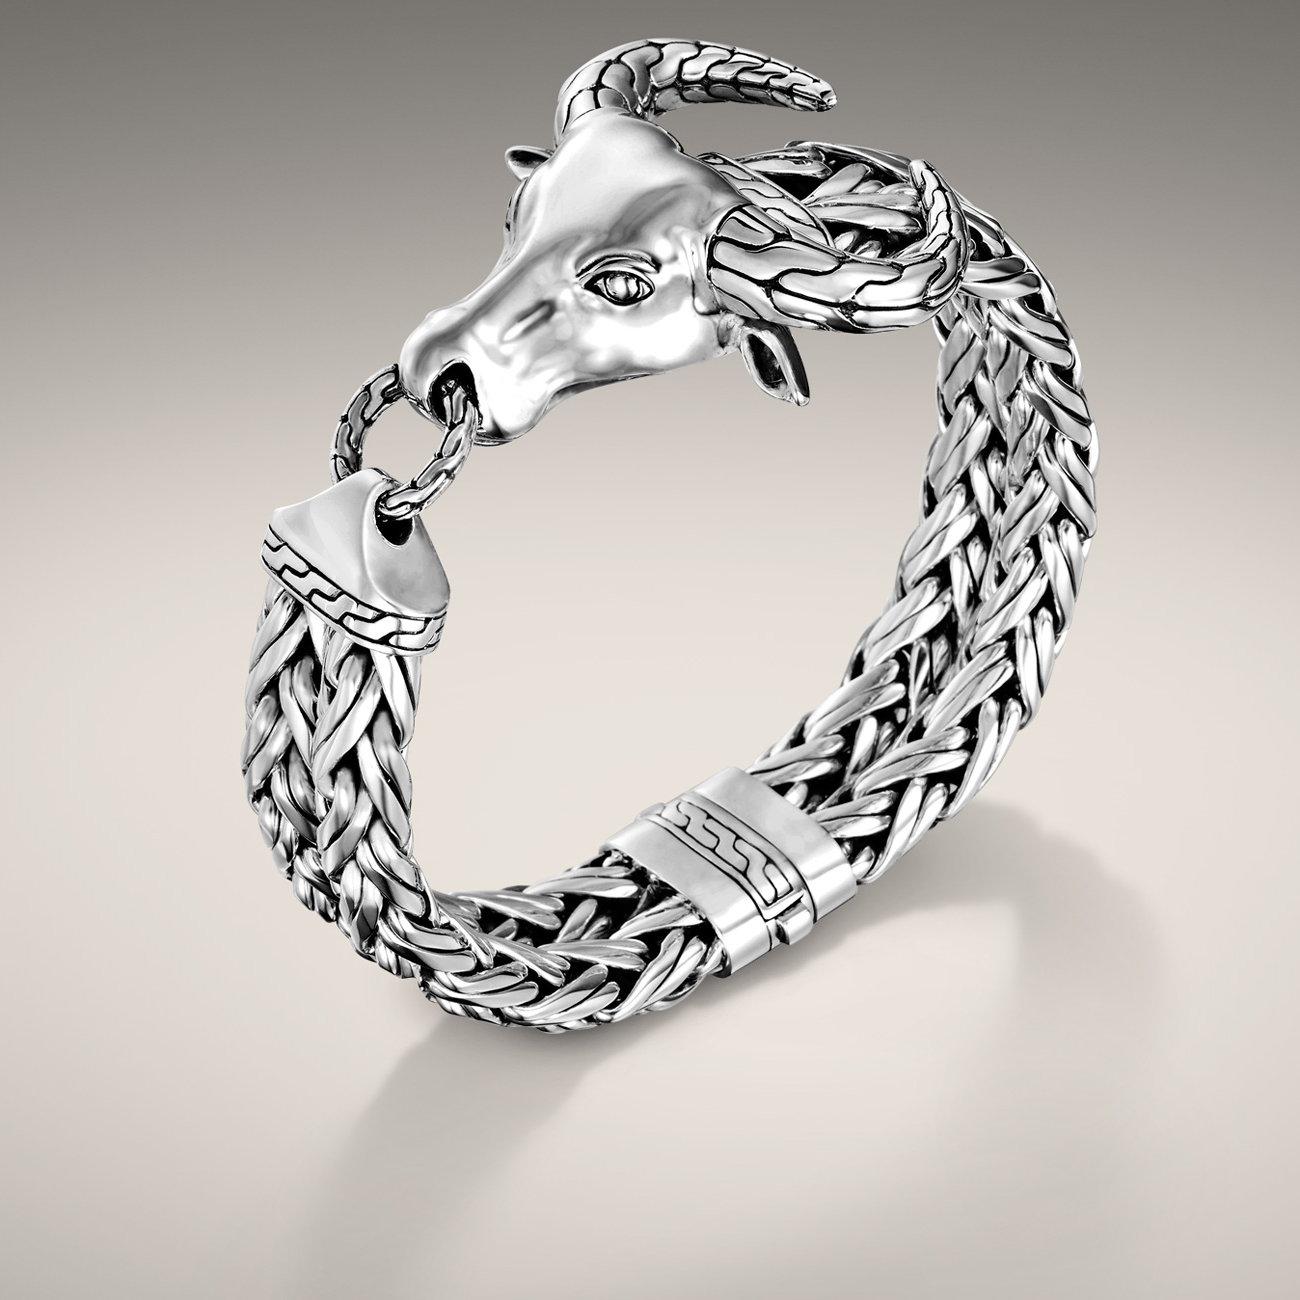 John Hardy Bull Head Bracelet In Silver For Men Bm90891